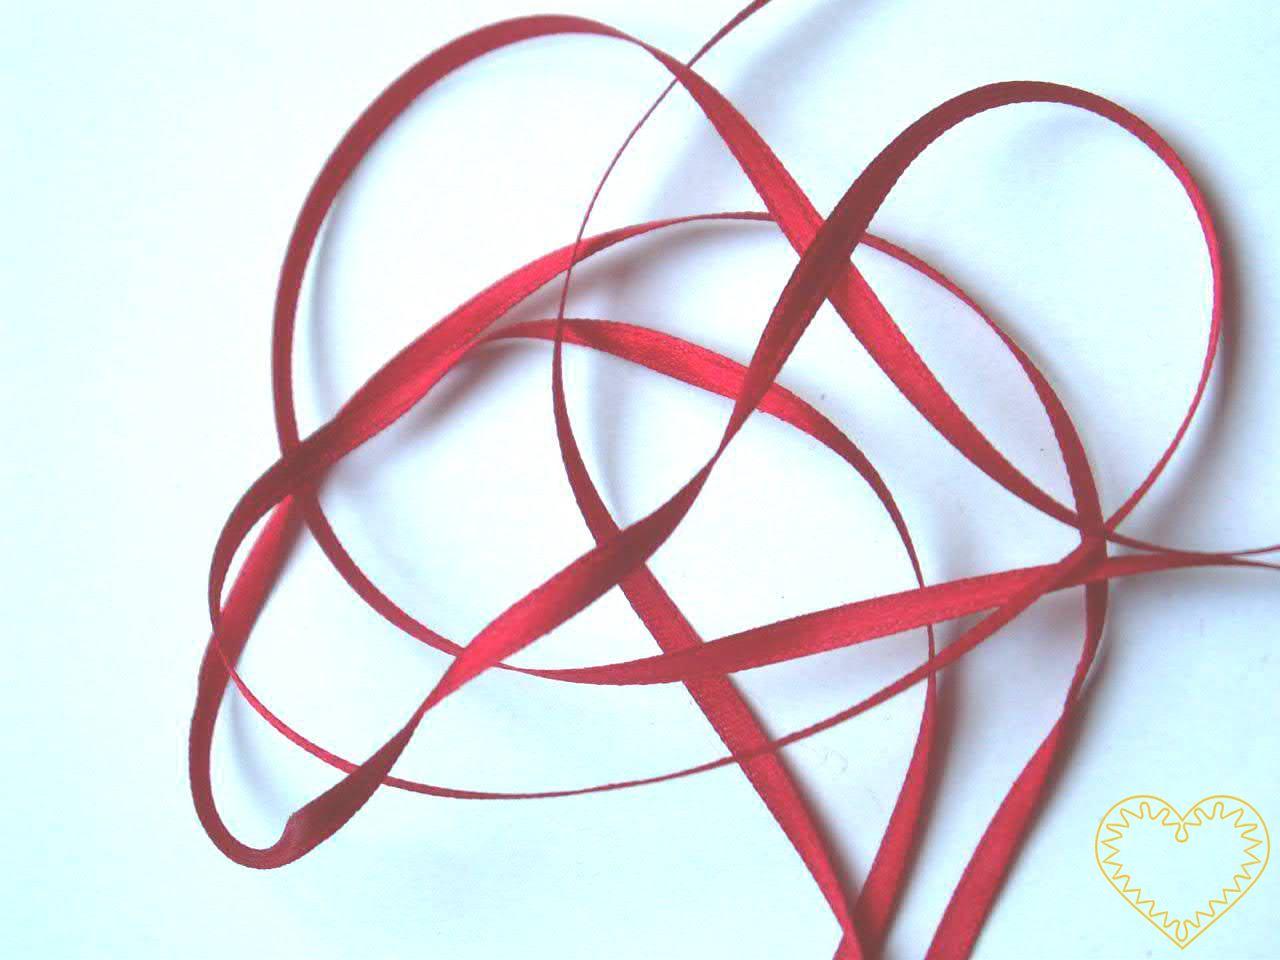 Stuha atlasová (saténová) červená - šíře 3 mm, délka 1 m; oboulící. Vyznačuje se vysokou kvalitou a leskem. Má široké využítí při tvorbě dekorací, aranžování, balení dárků, v bytovém textilu.